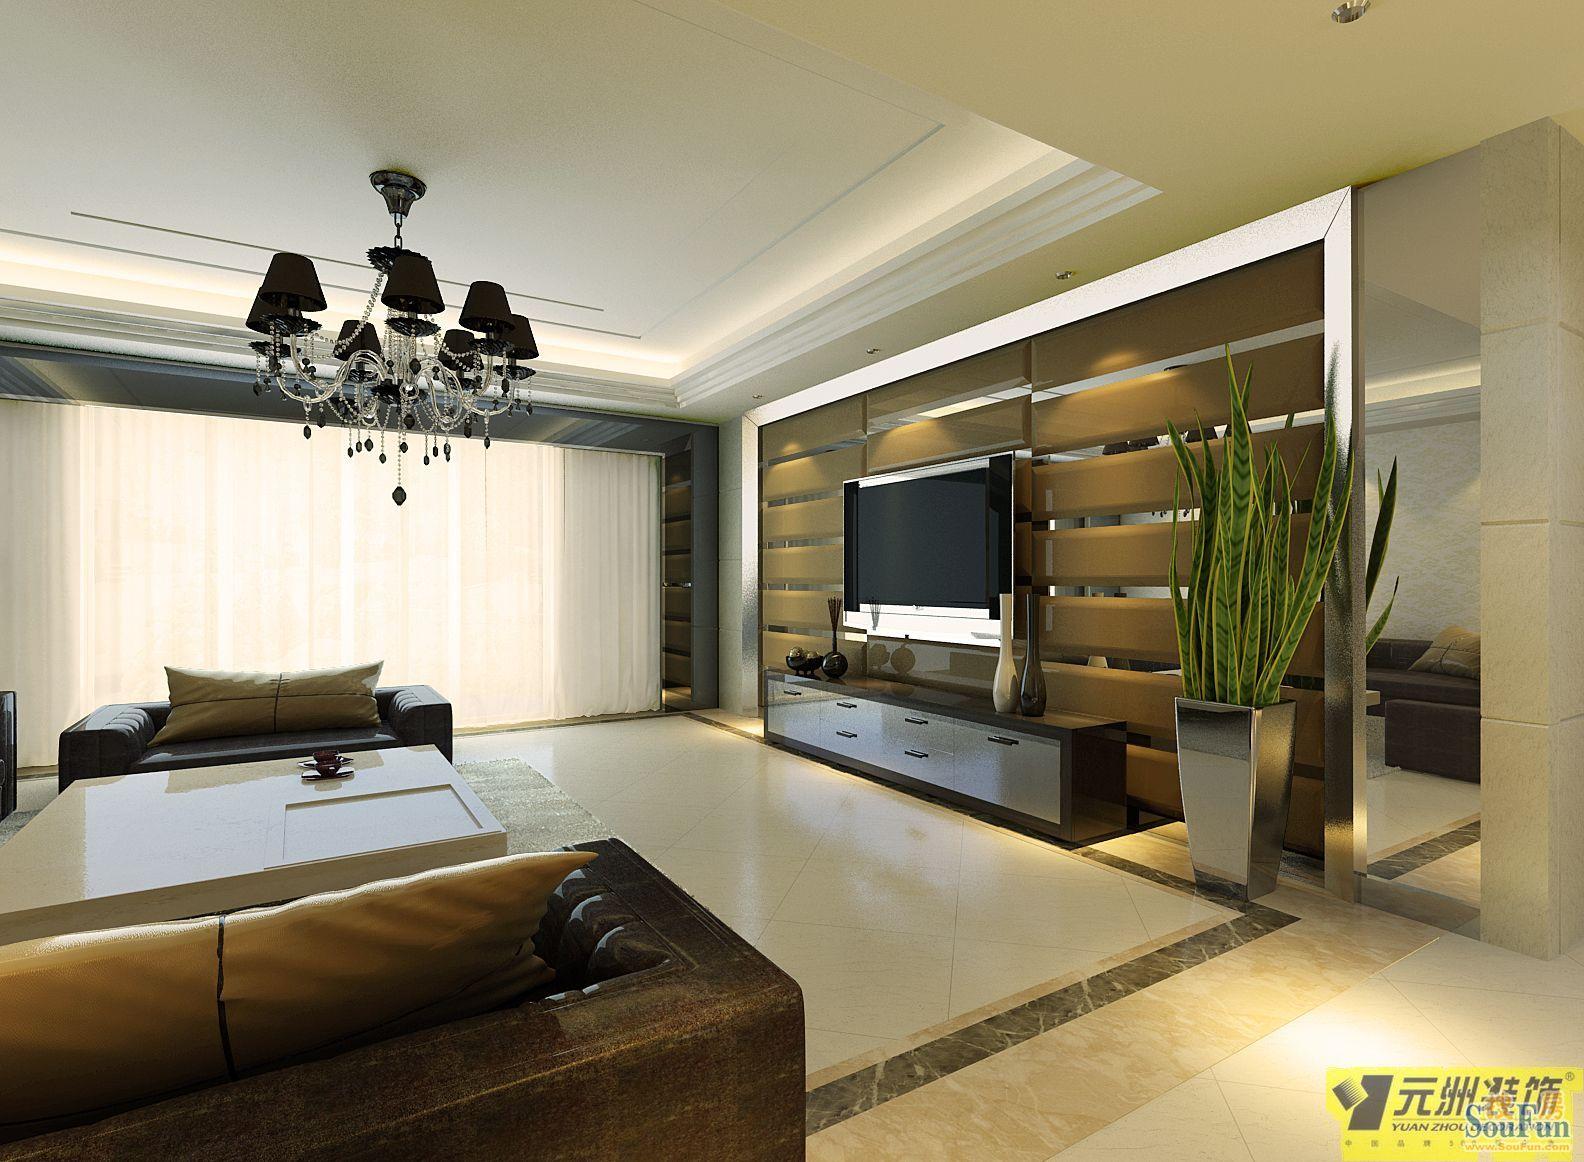 130平3室1厅 现代简约风格装修案例 预算20万元 高清图片